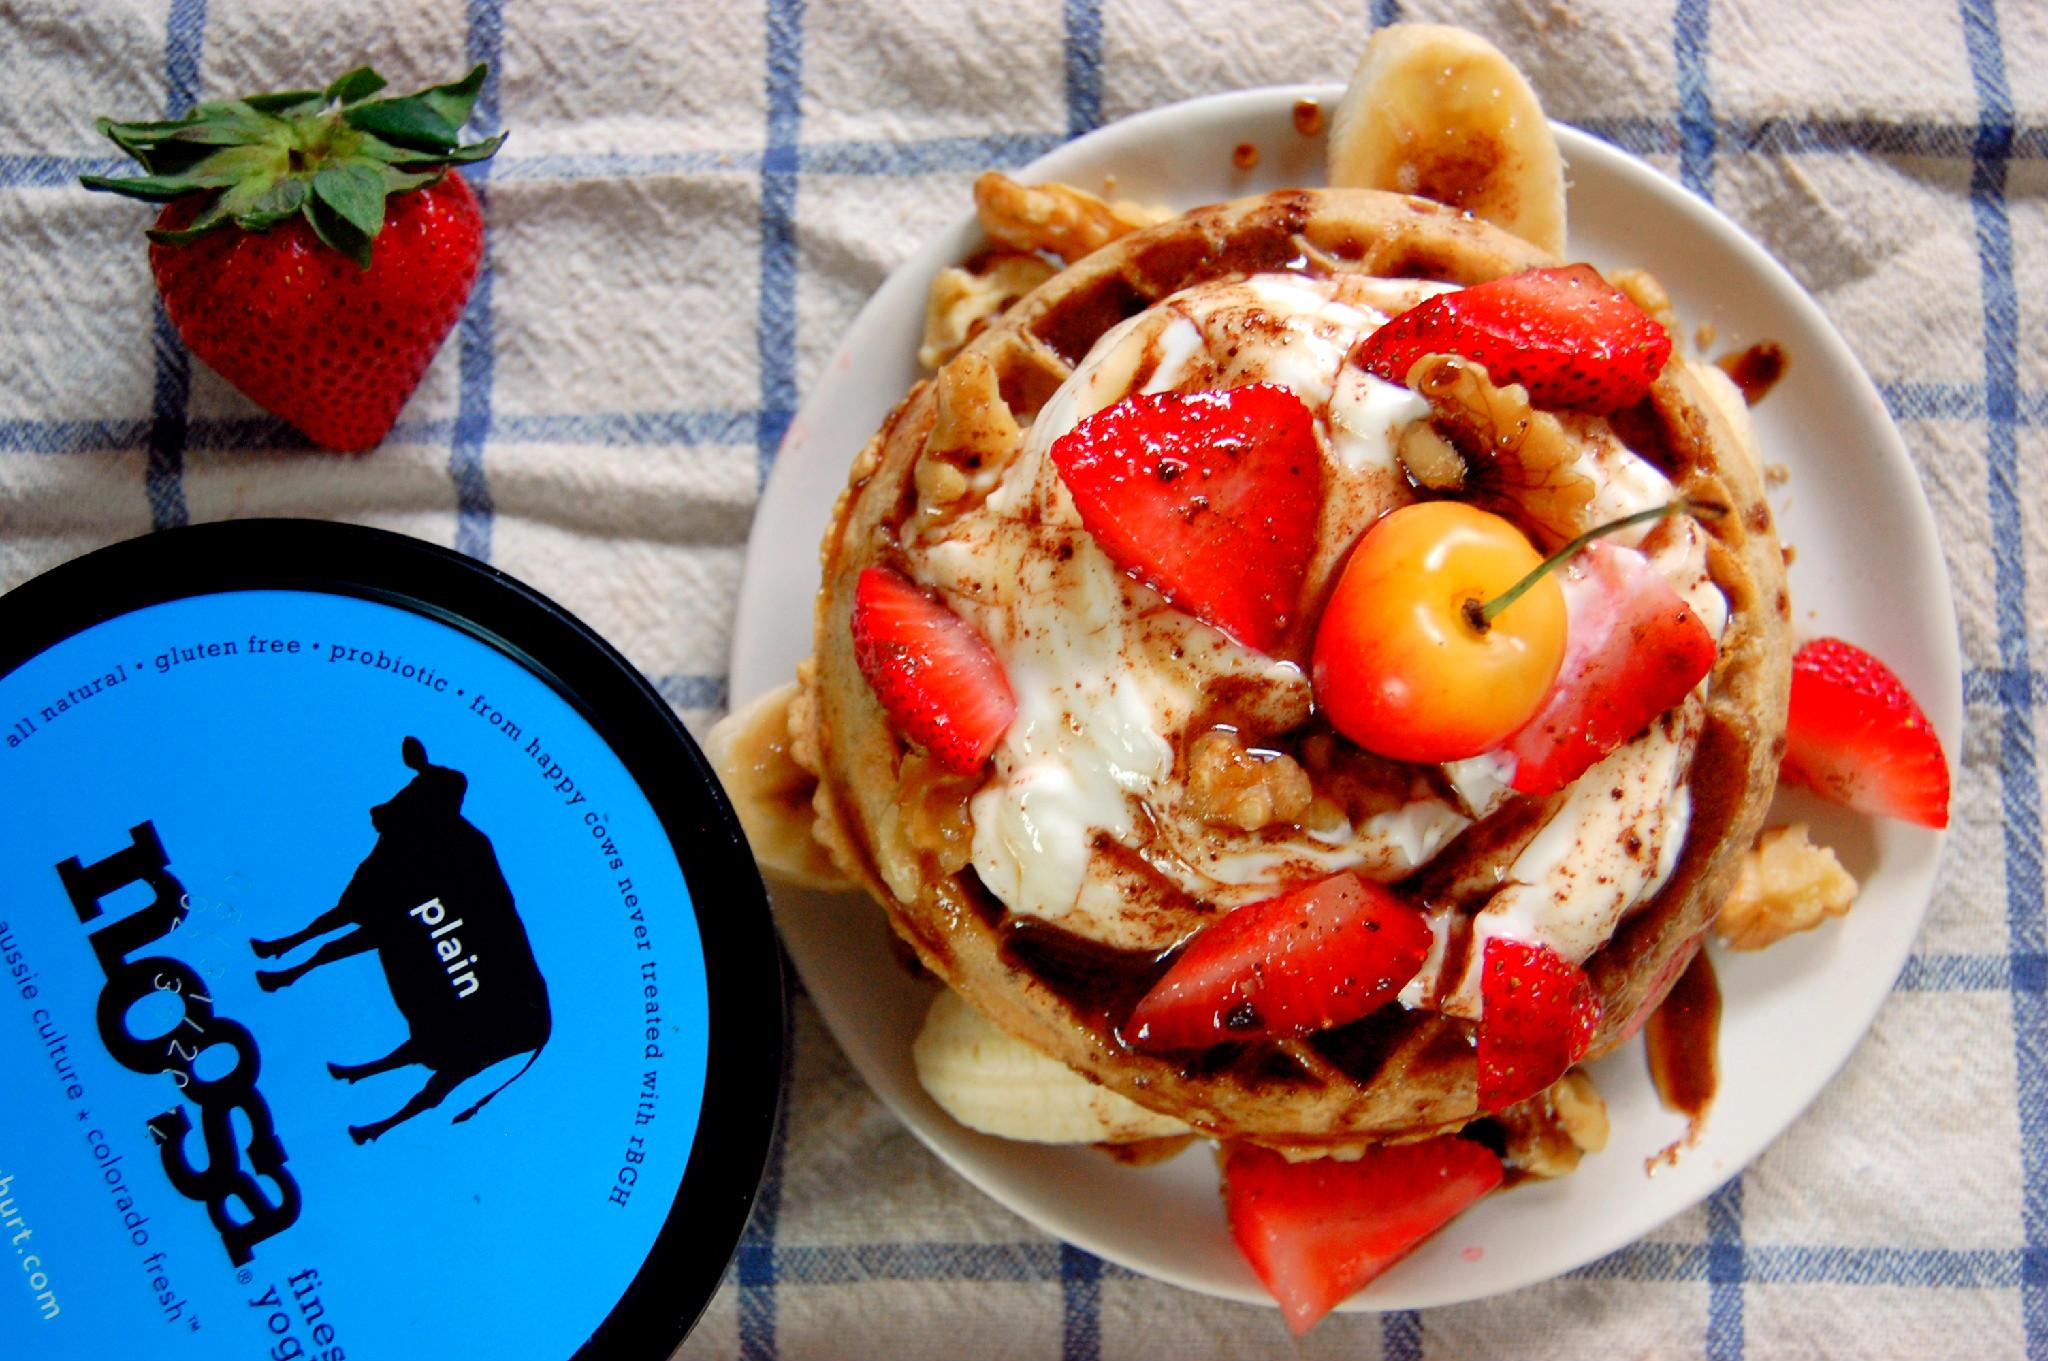 ... waffles breakfast waffle fruit sundae coconut waffles with maple